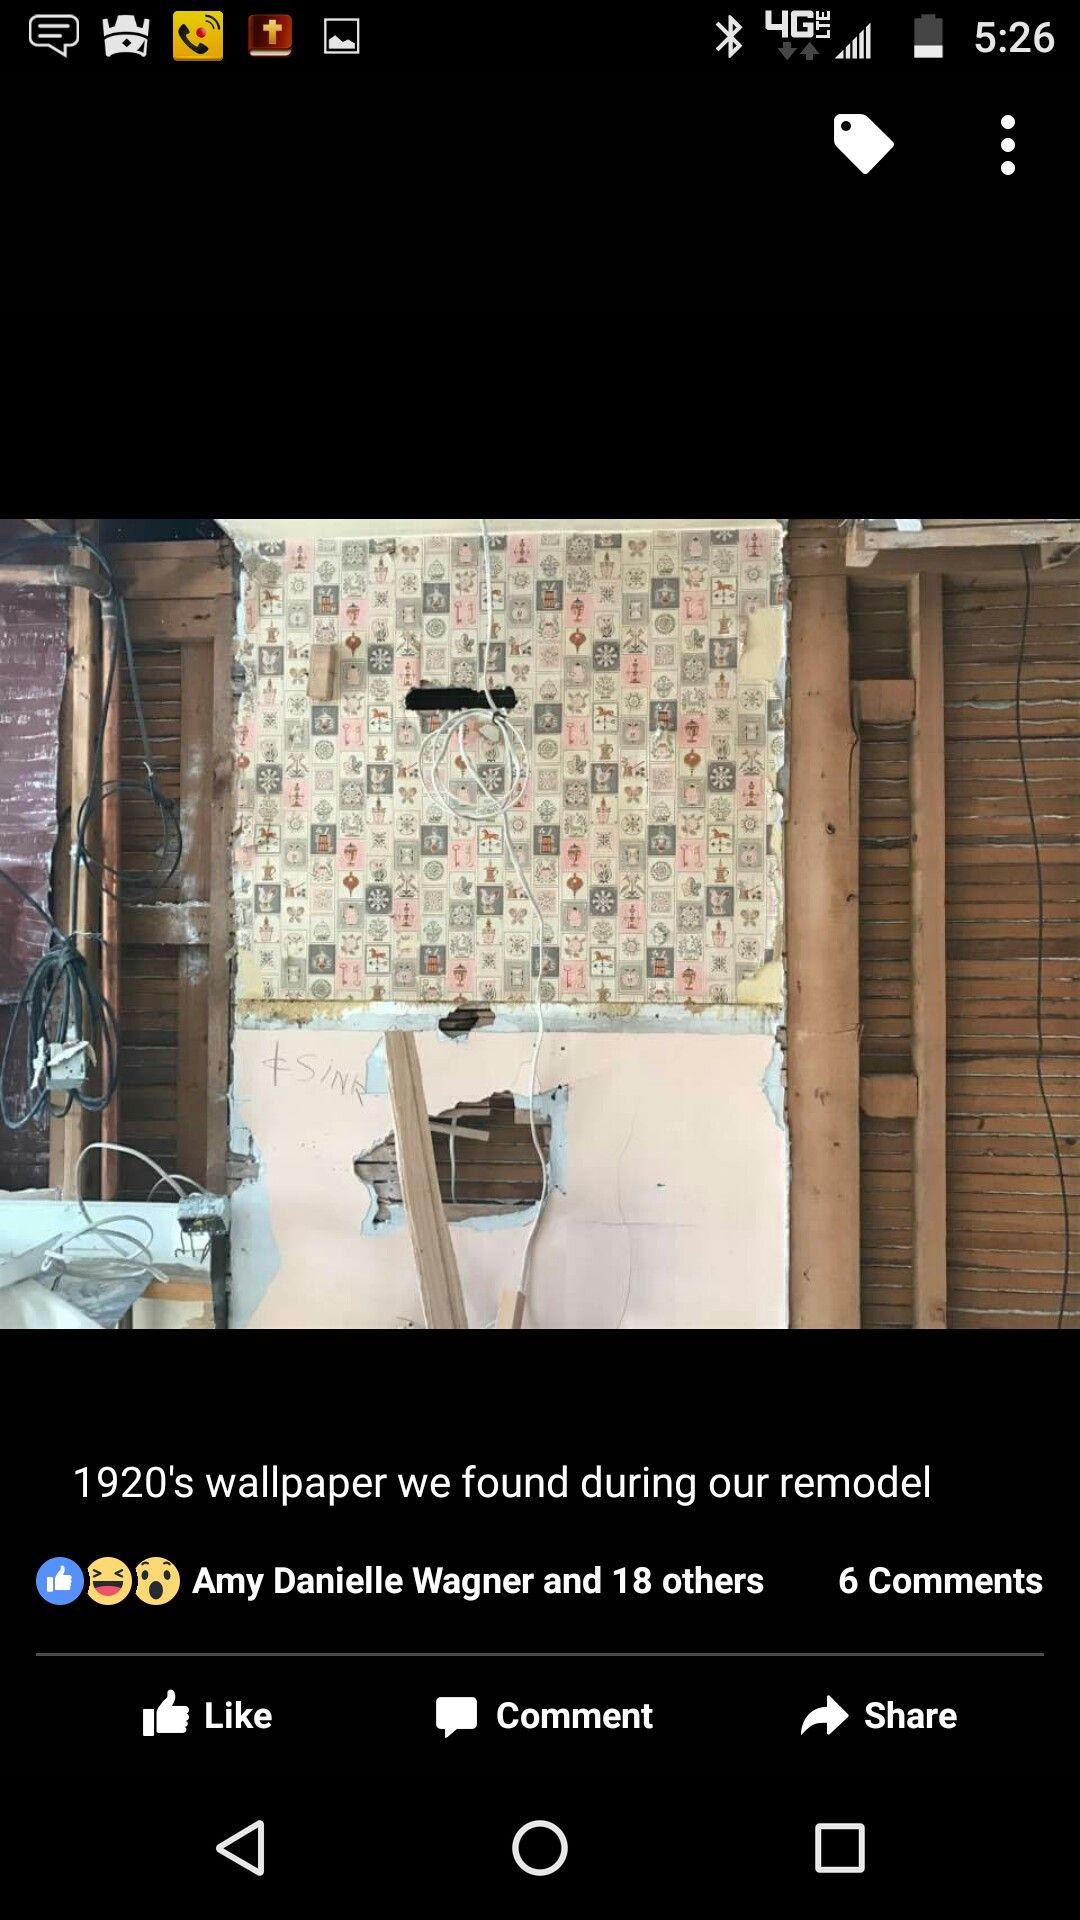 1920's Wallpaper, discovered in 2017 in Oshkosh, WI